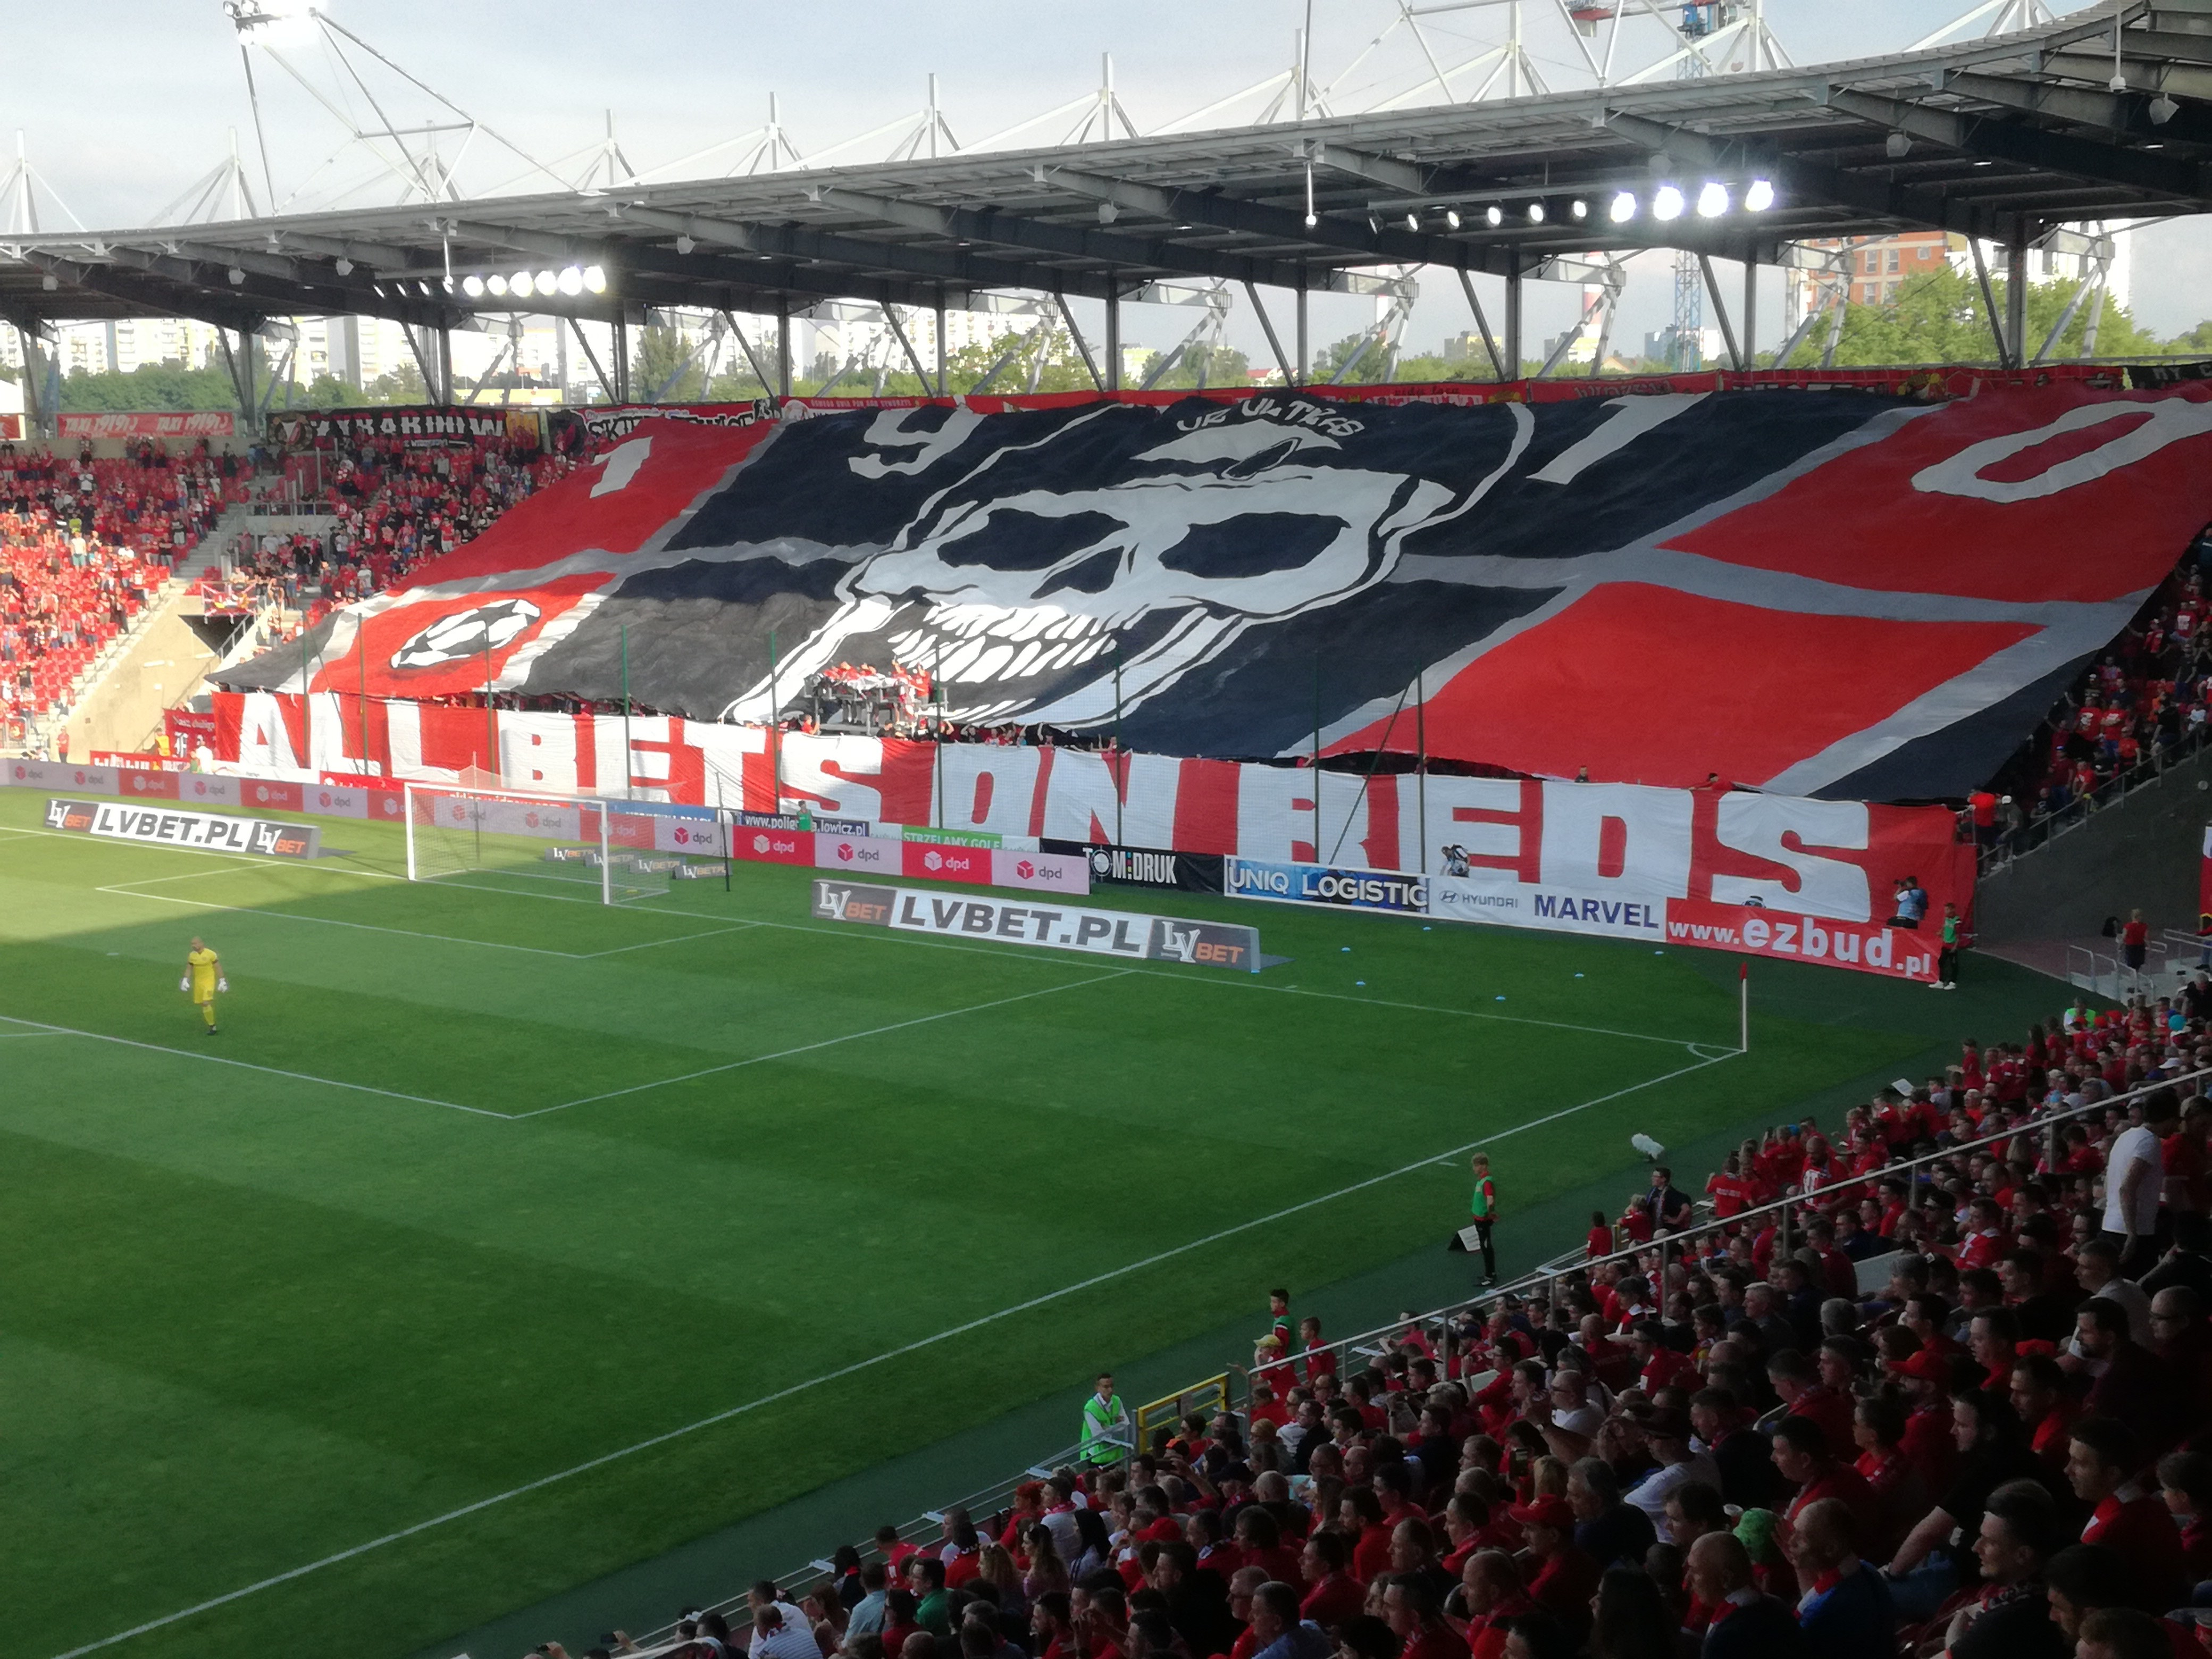 O najlepszych kibicach w Polsce? Genialna atmosfera na meczu III ligi